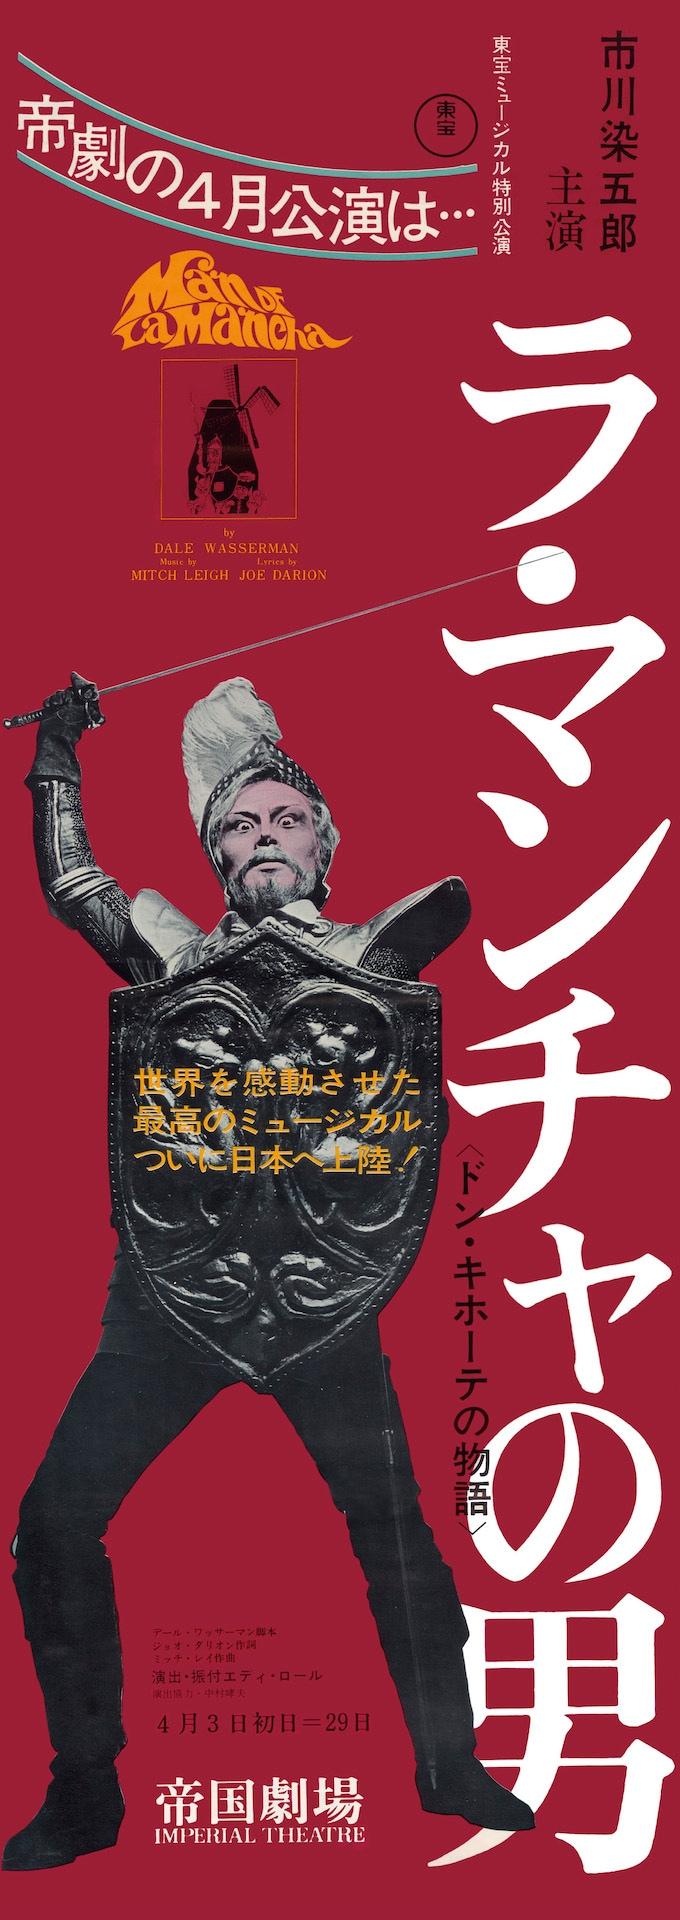 「ラ・マンチャの男」日本初演時の告知ポスター。(写真提供:東宝演劇部)